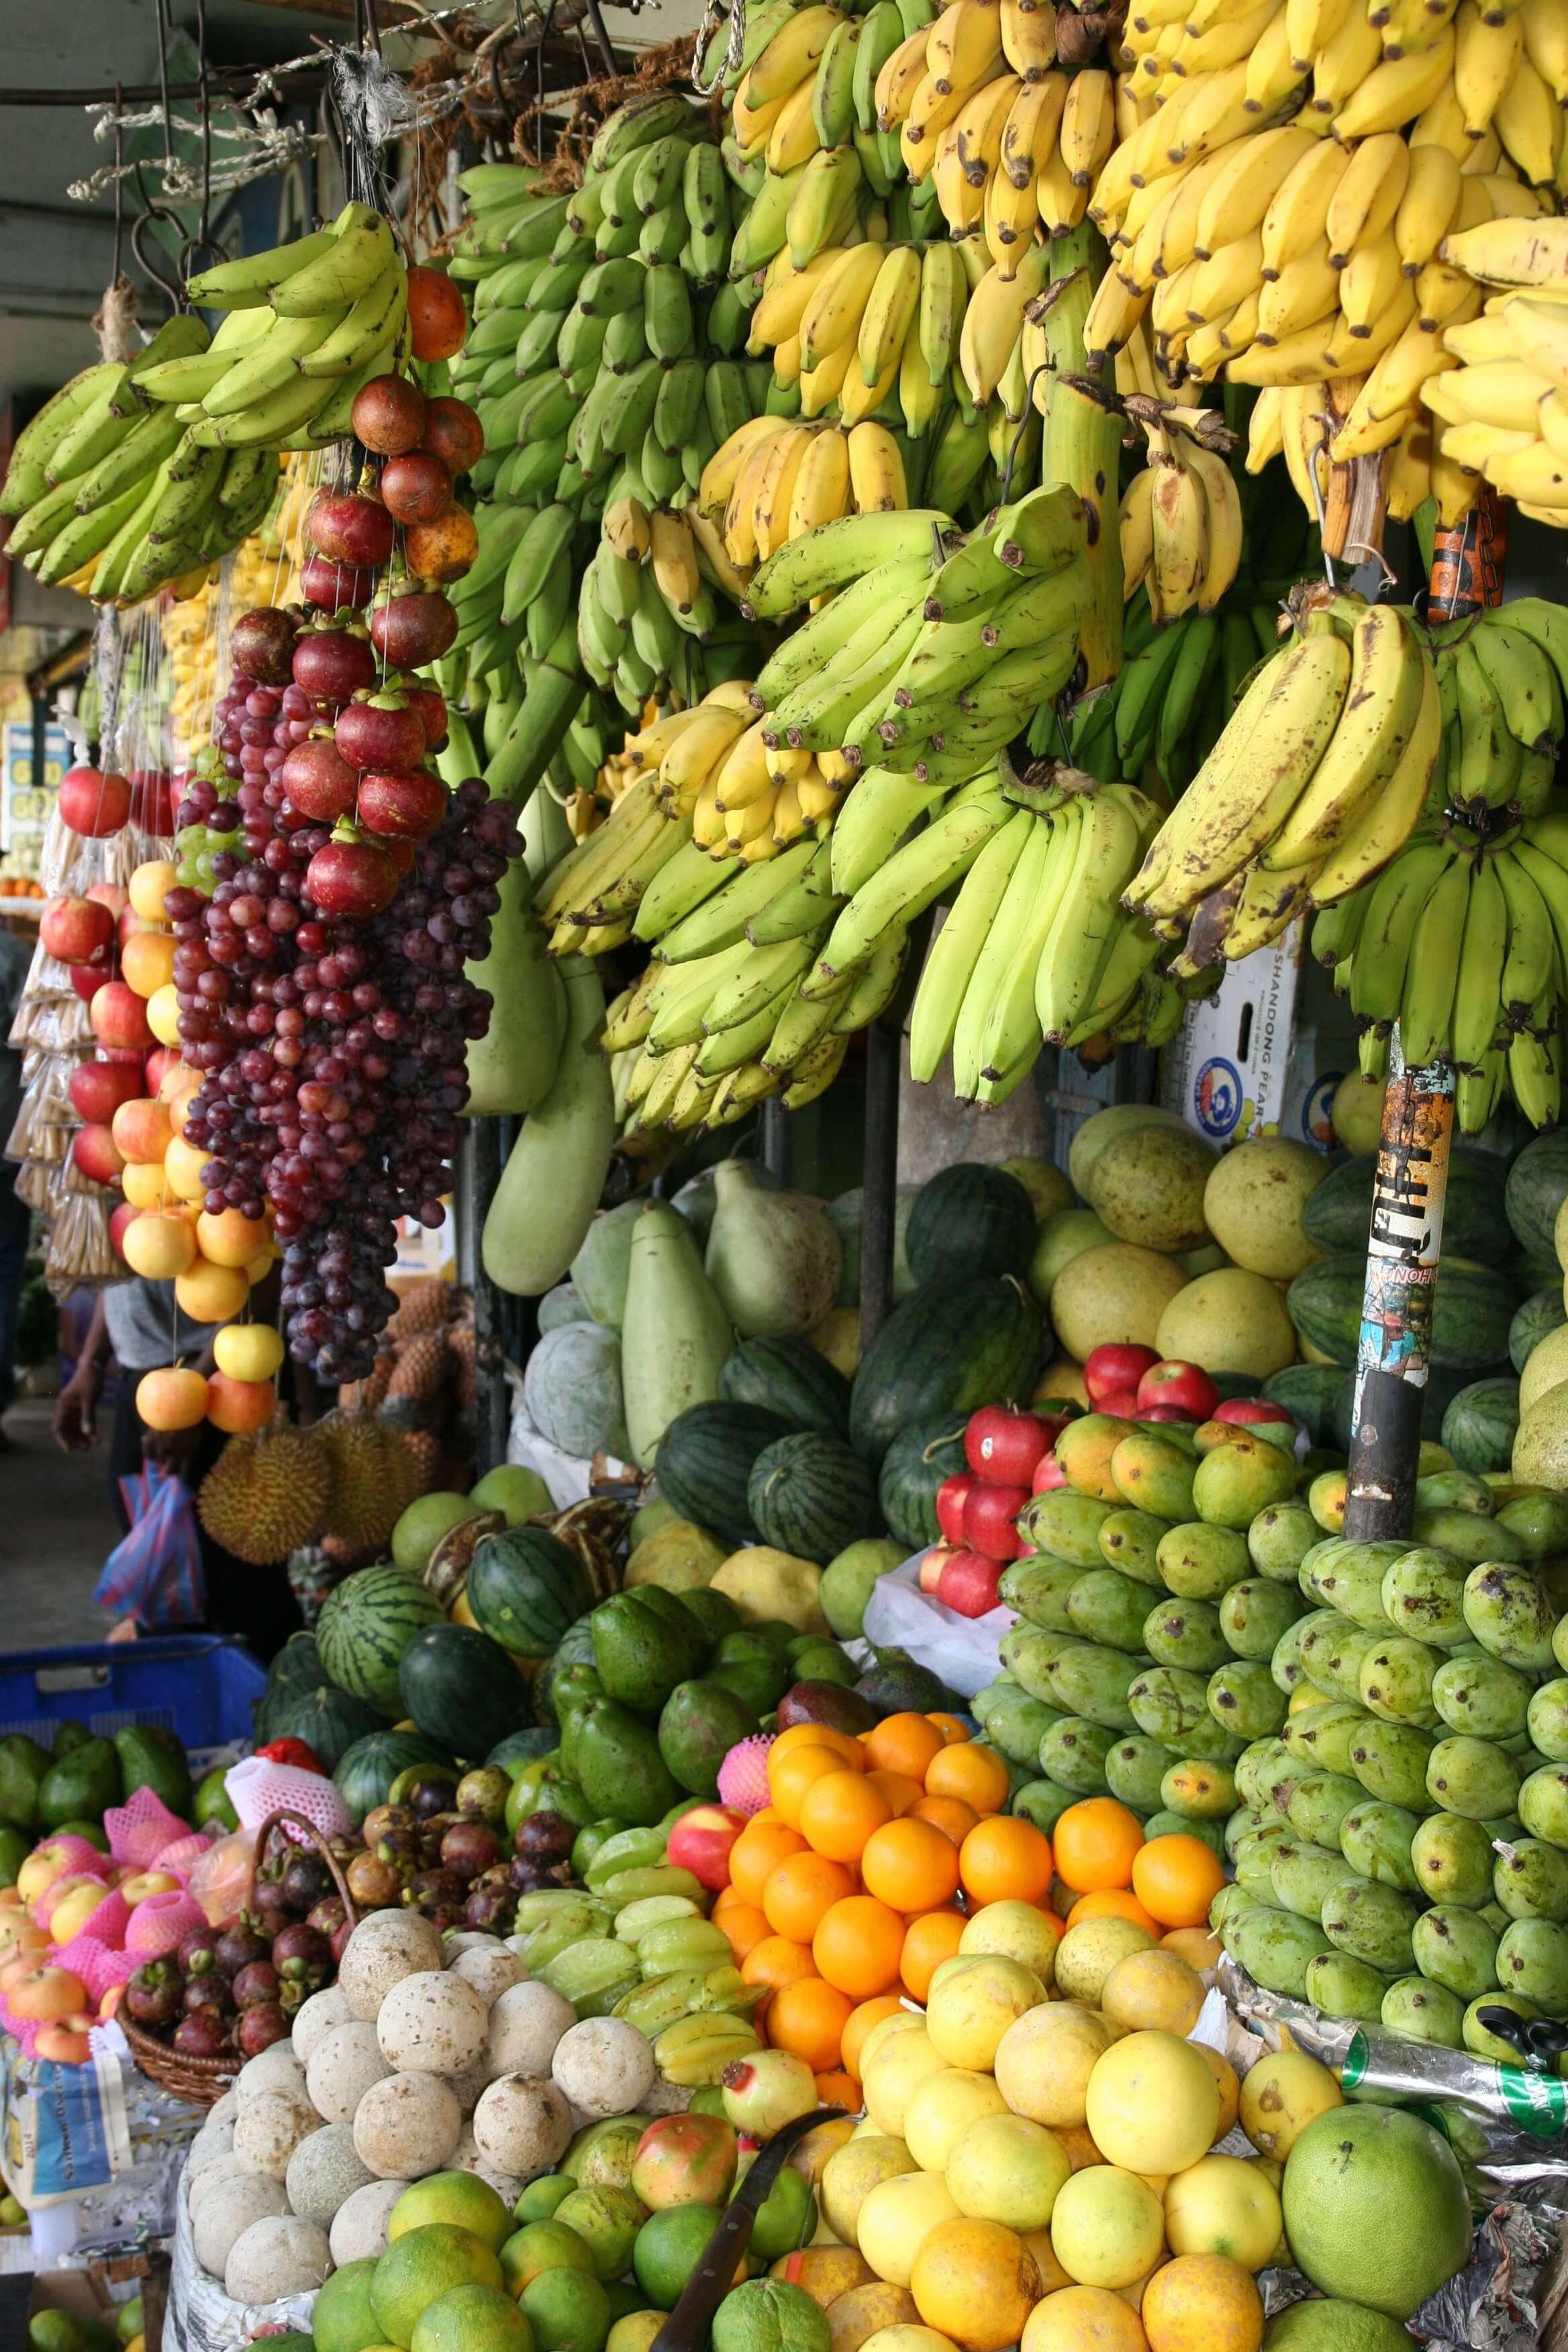 https://www.pexels.com/es-es/foto/abundancia-agricultura-comida-delicioso-709567/